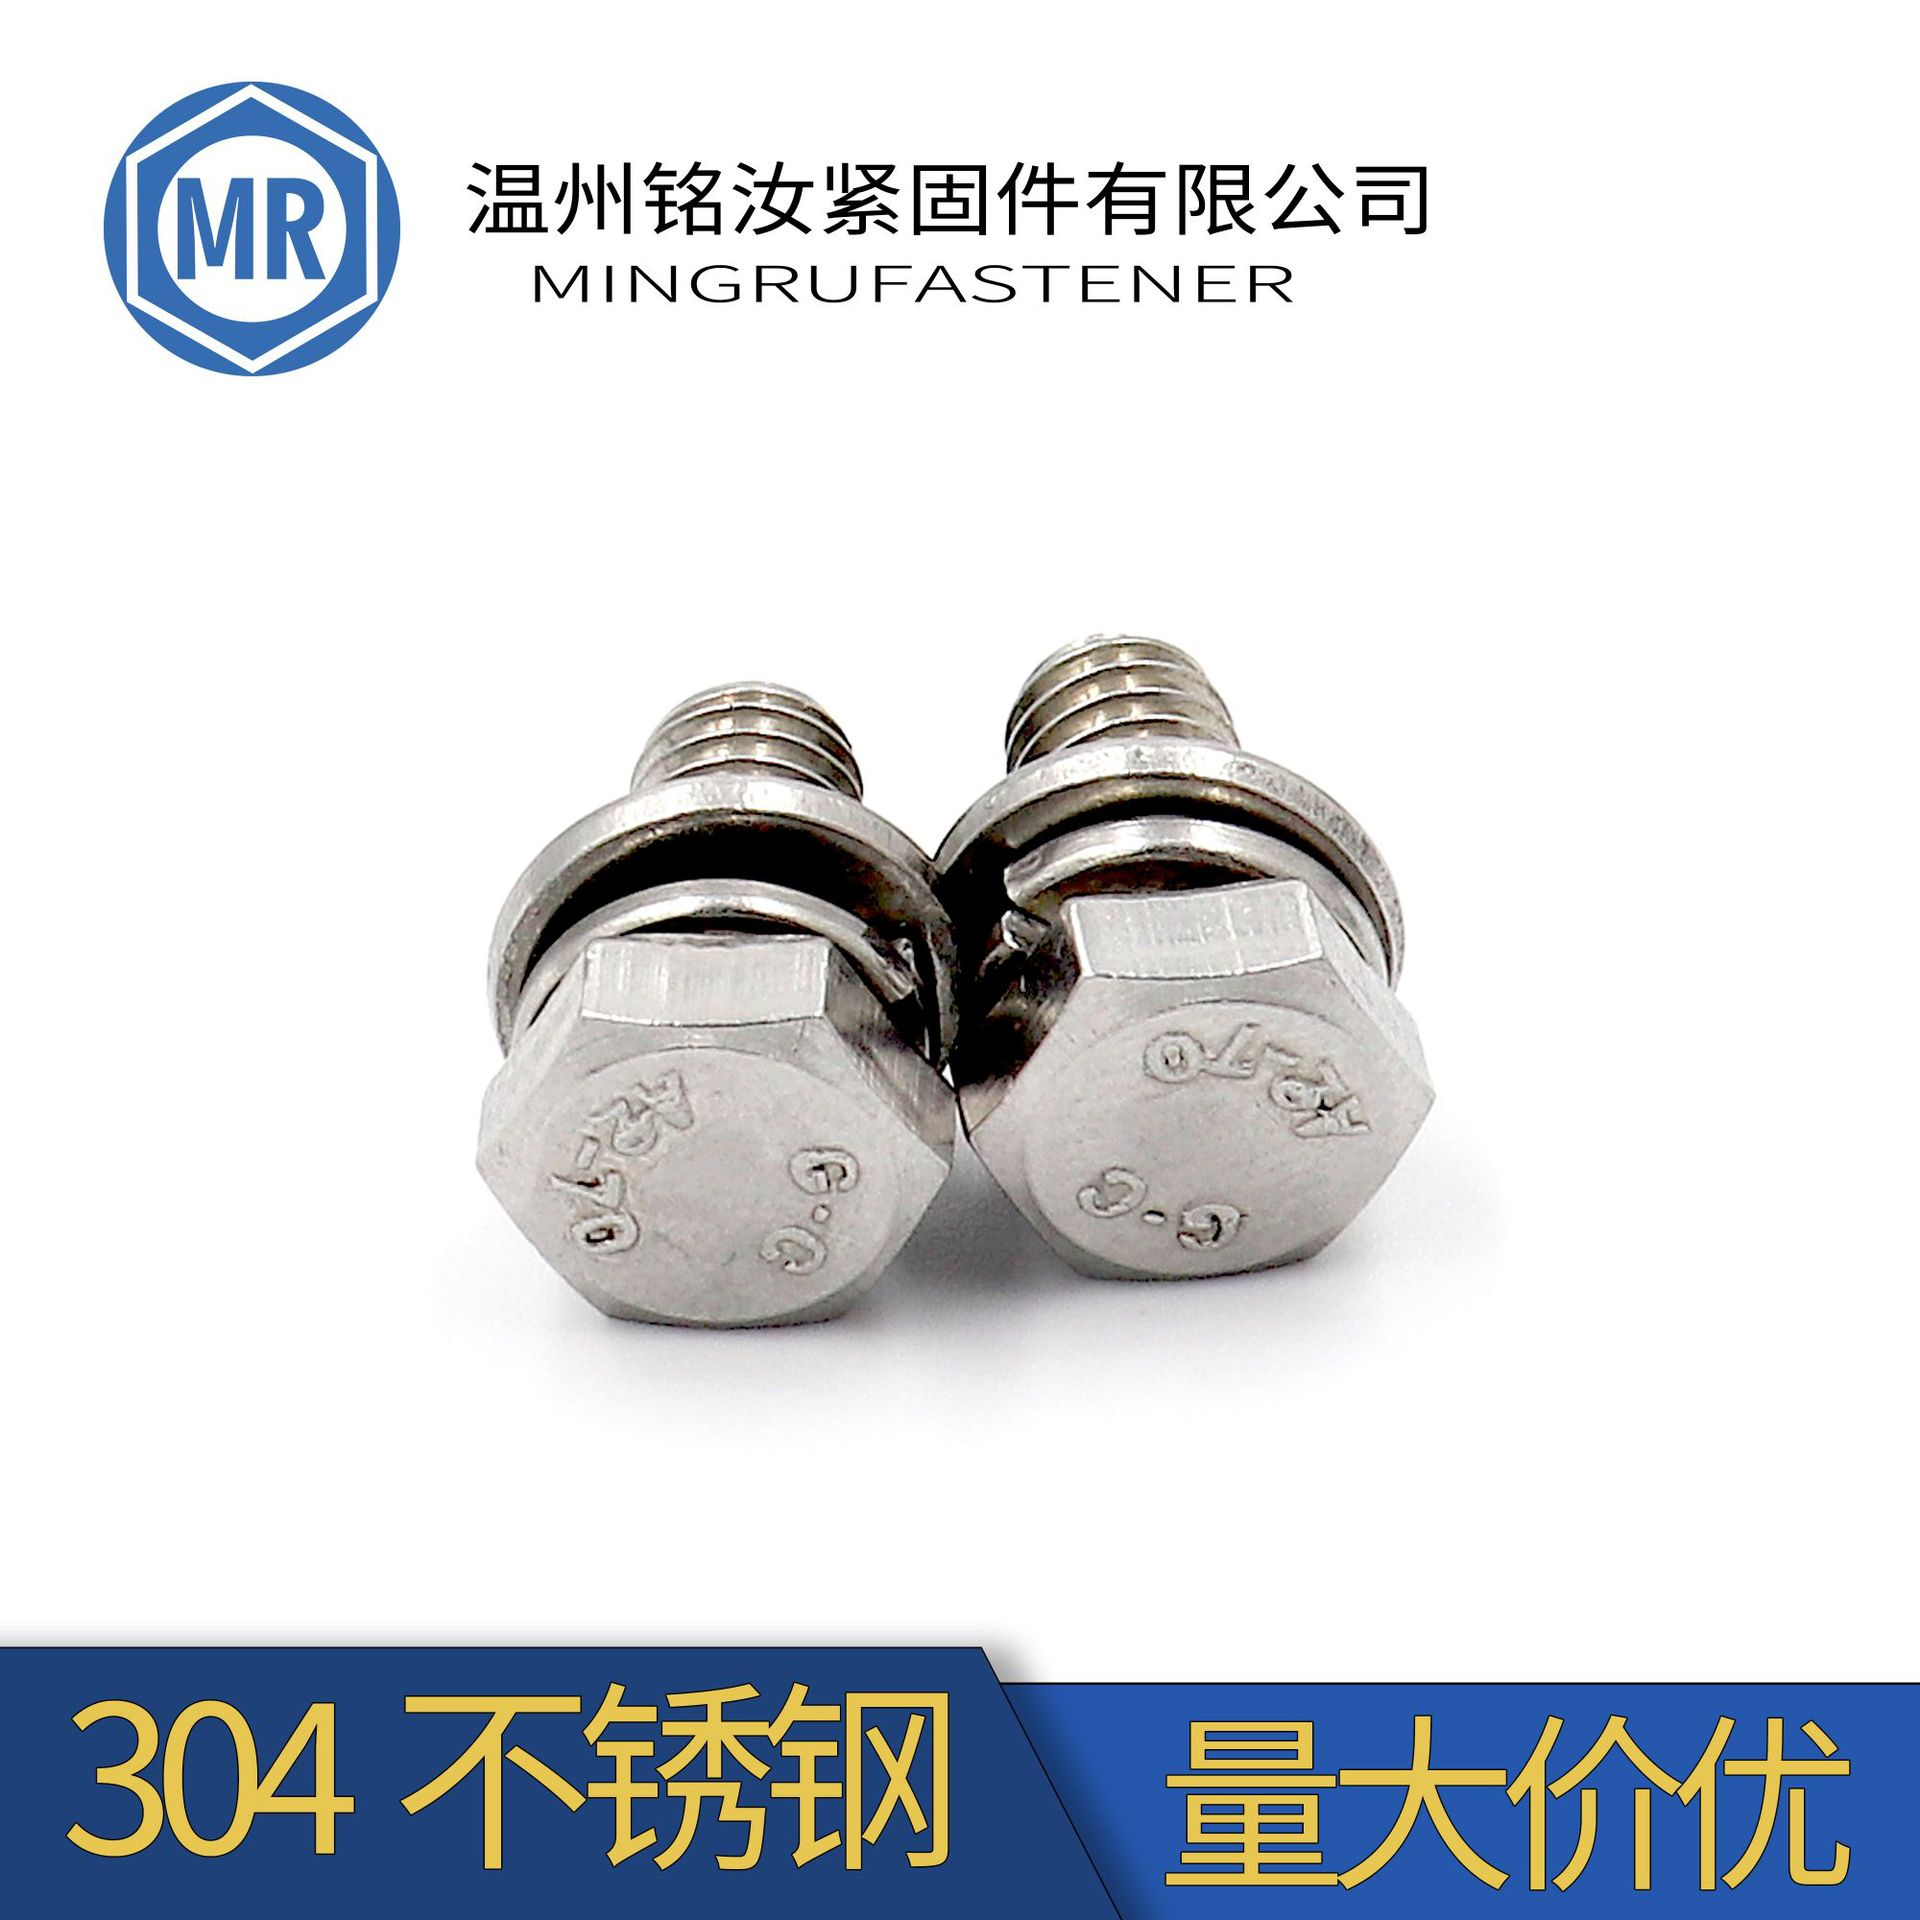 304不锈钢切边外六角三组合螺丝GB9074.17平头六角组合螺钉M3M4M5